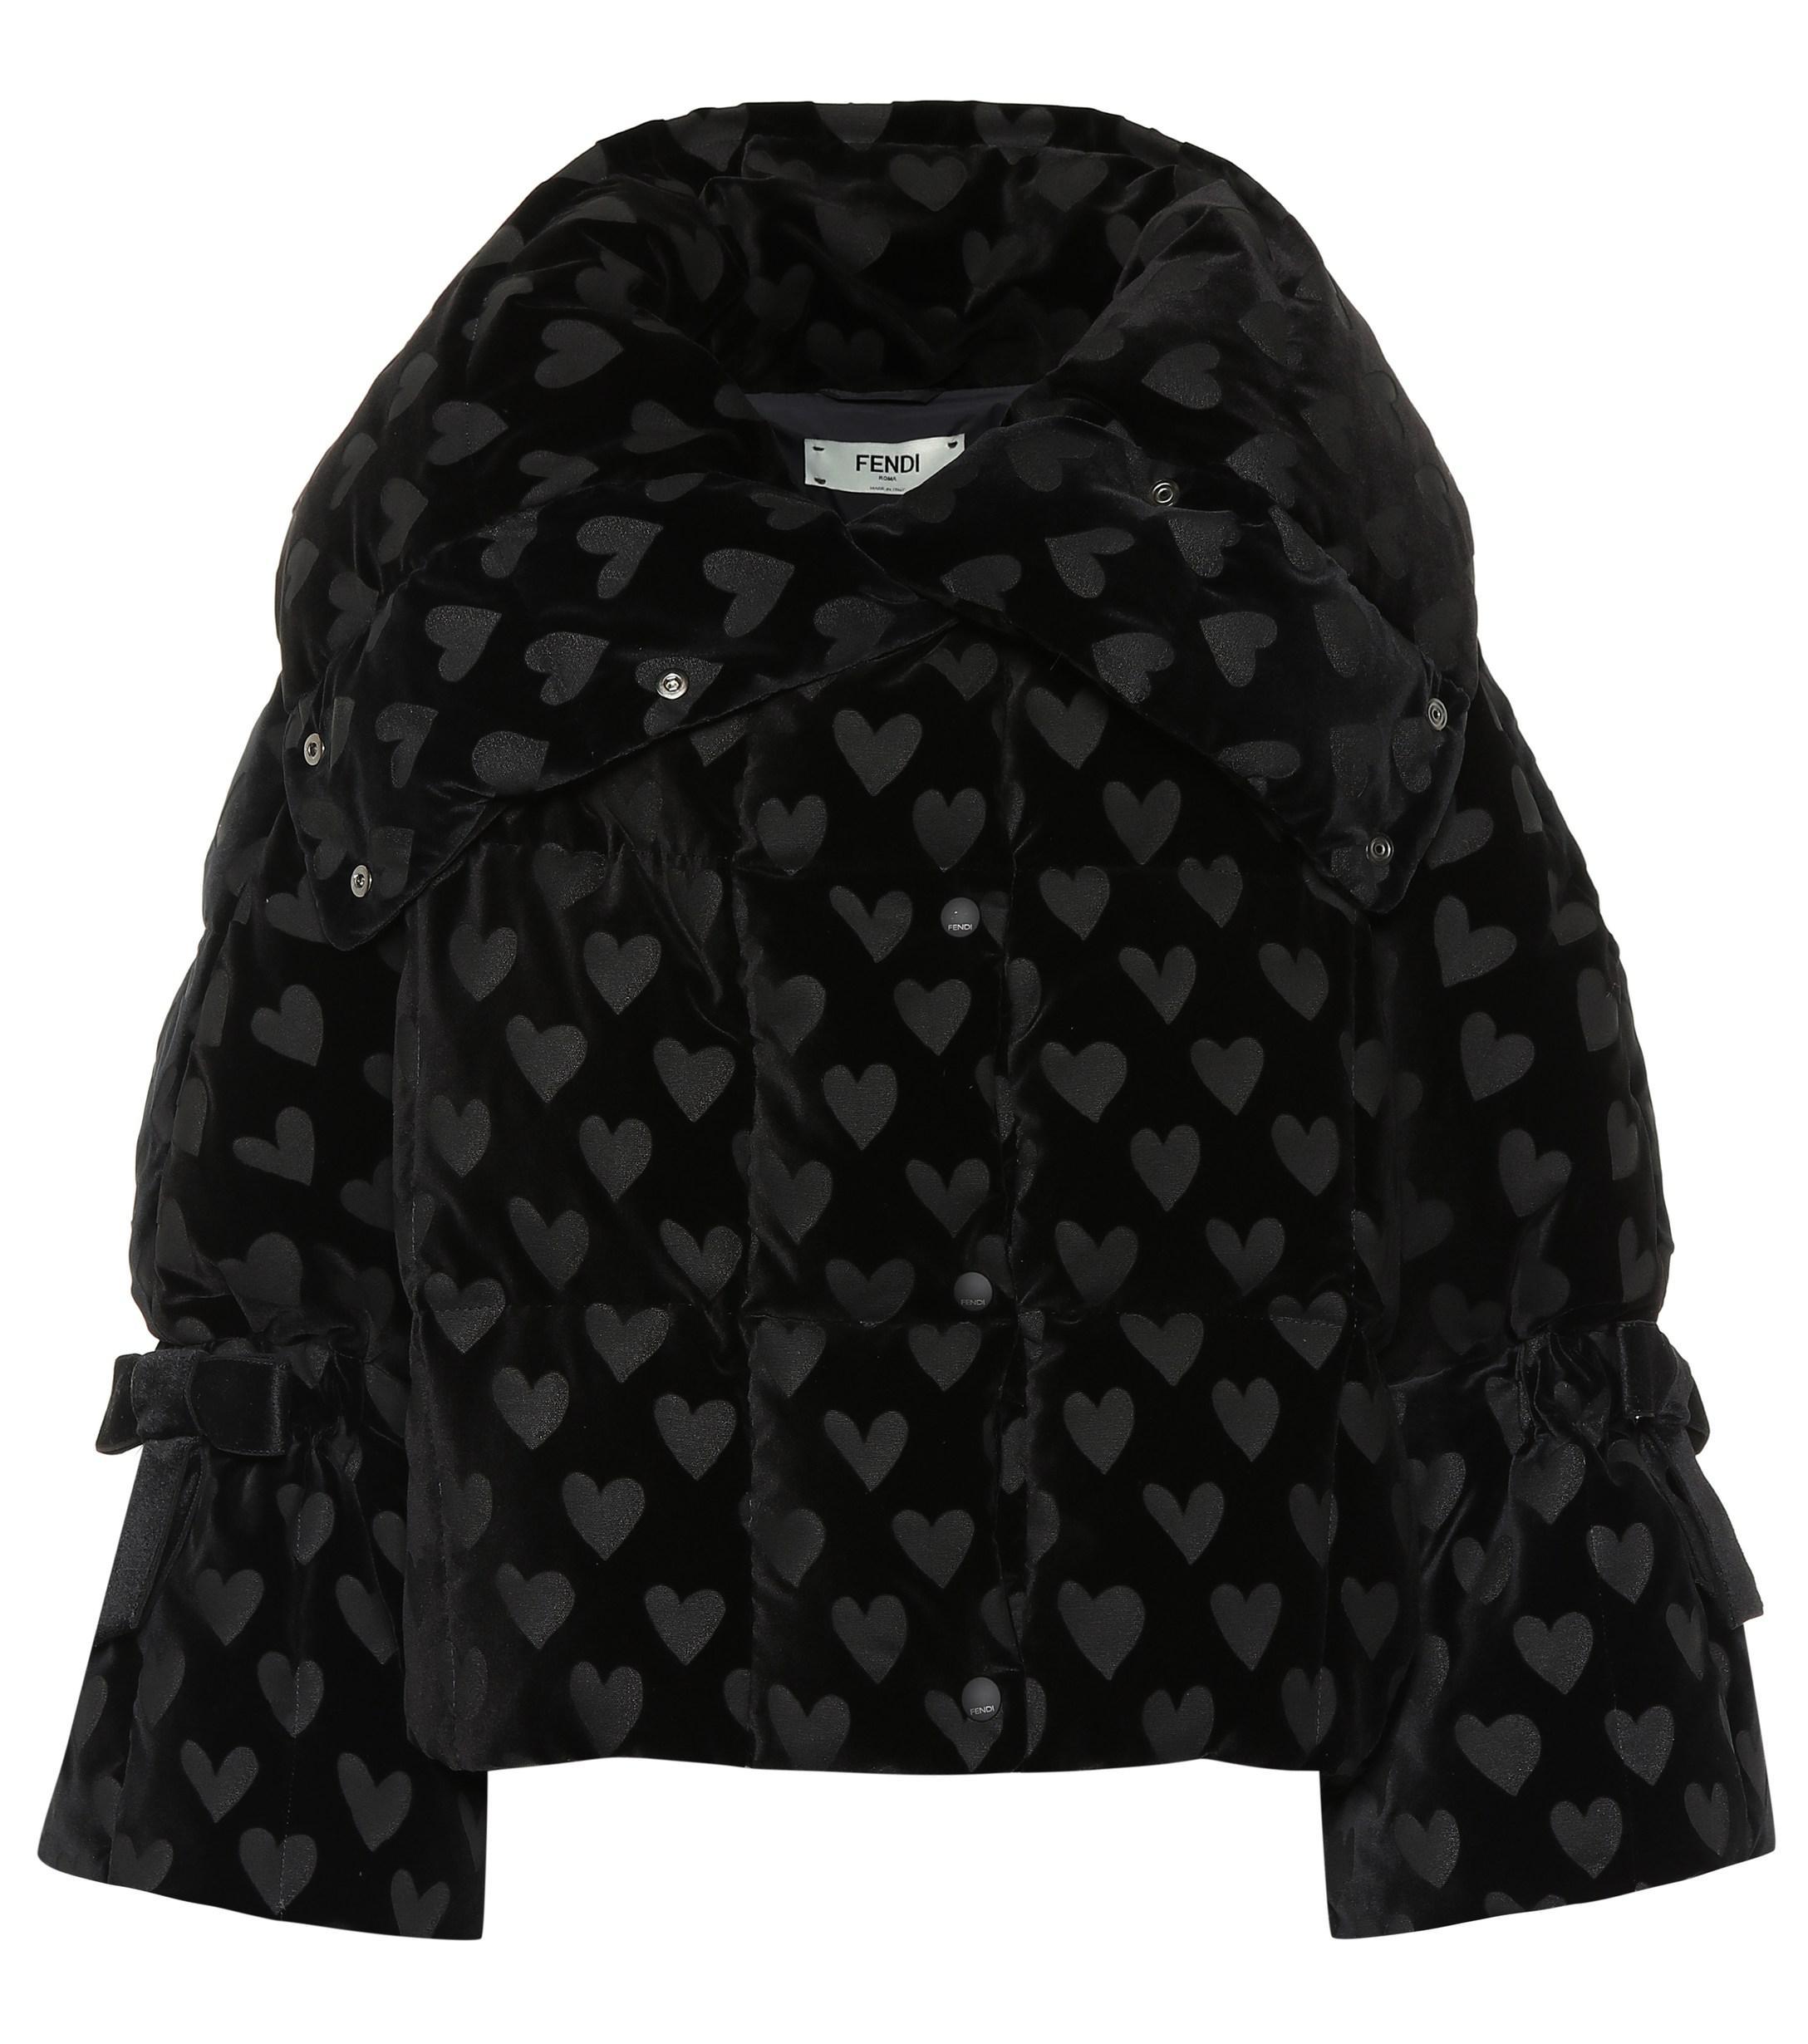 054fc02895 Fendi - Black Velvet-jacquard Quilted Down Jacket - Lyst. View fullscreen